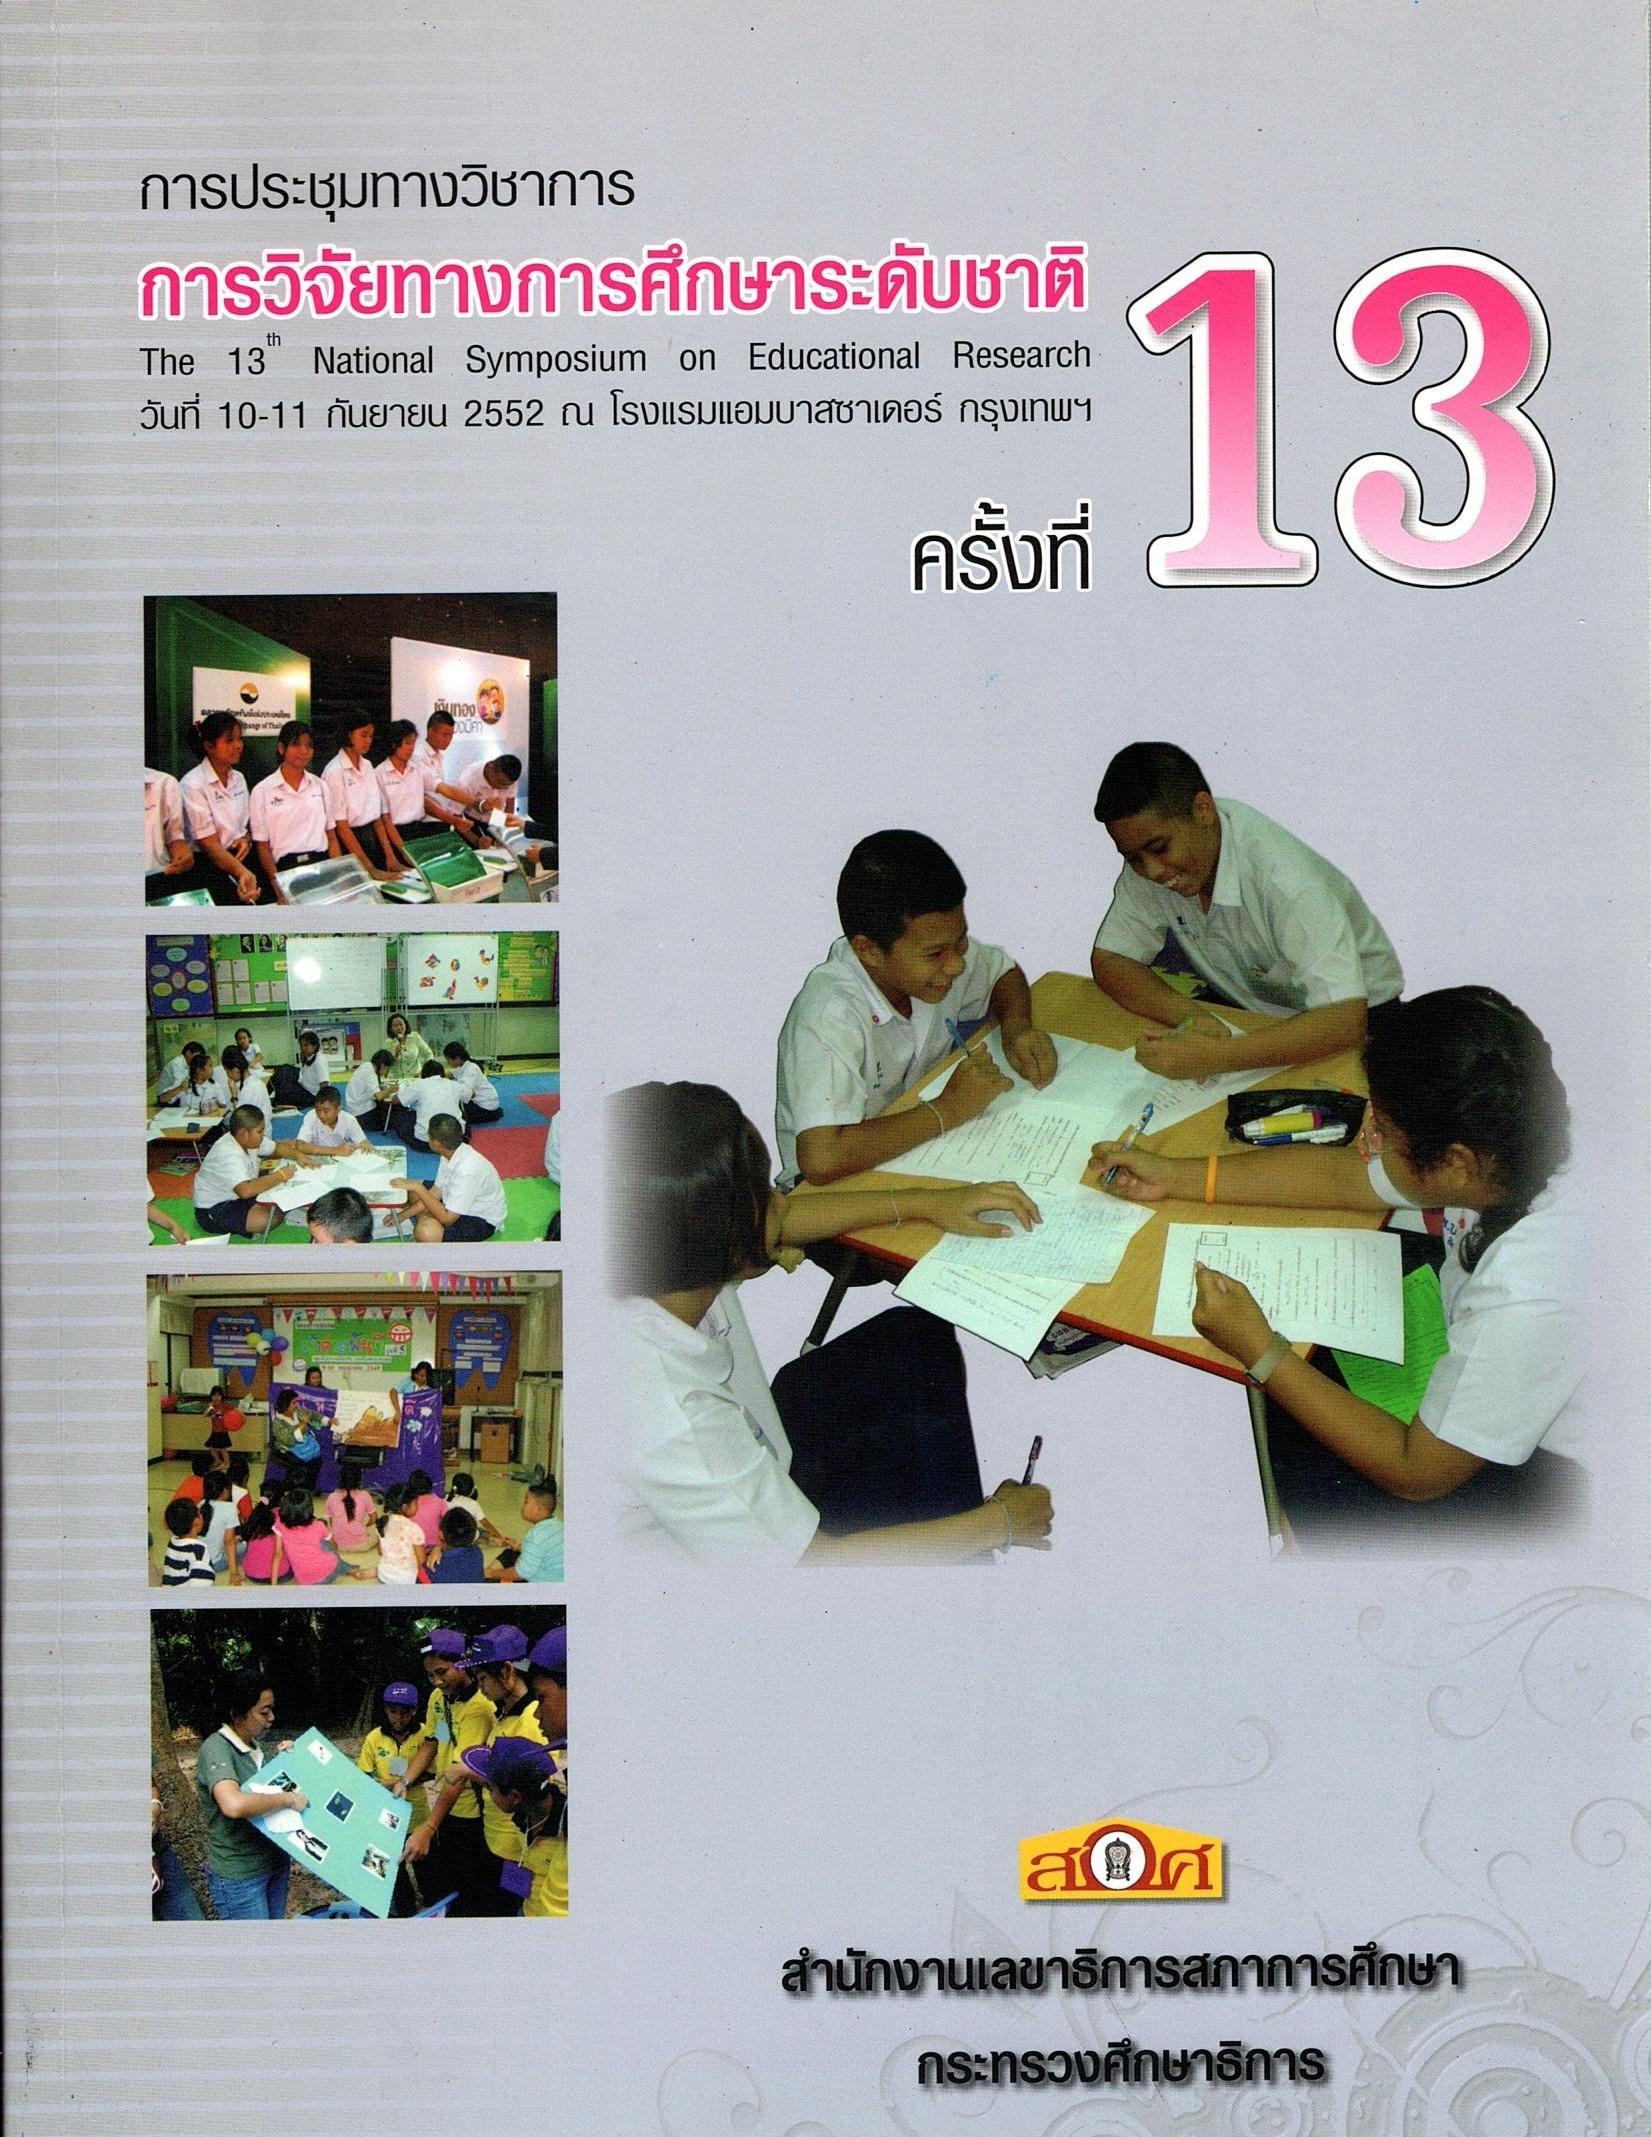 การปฏิรูปการจัดการศึกษาของสถาบันการศึกษาในสังกัดสถาบันพระบรมราชชนก